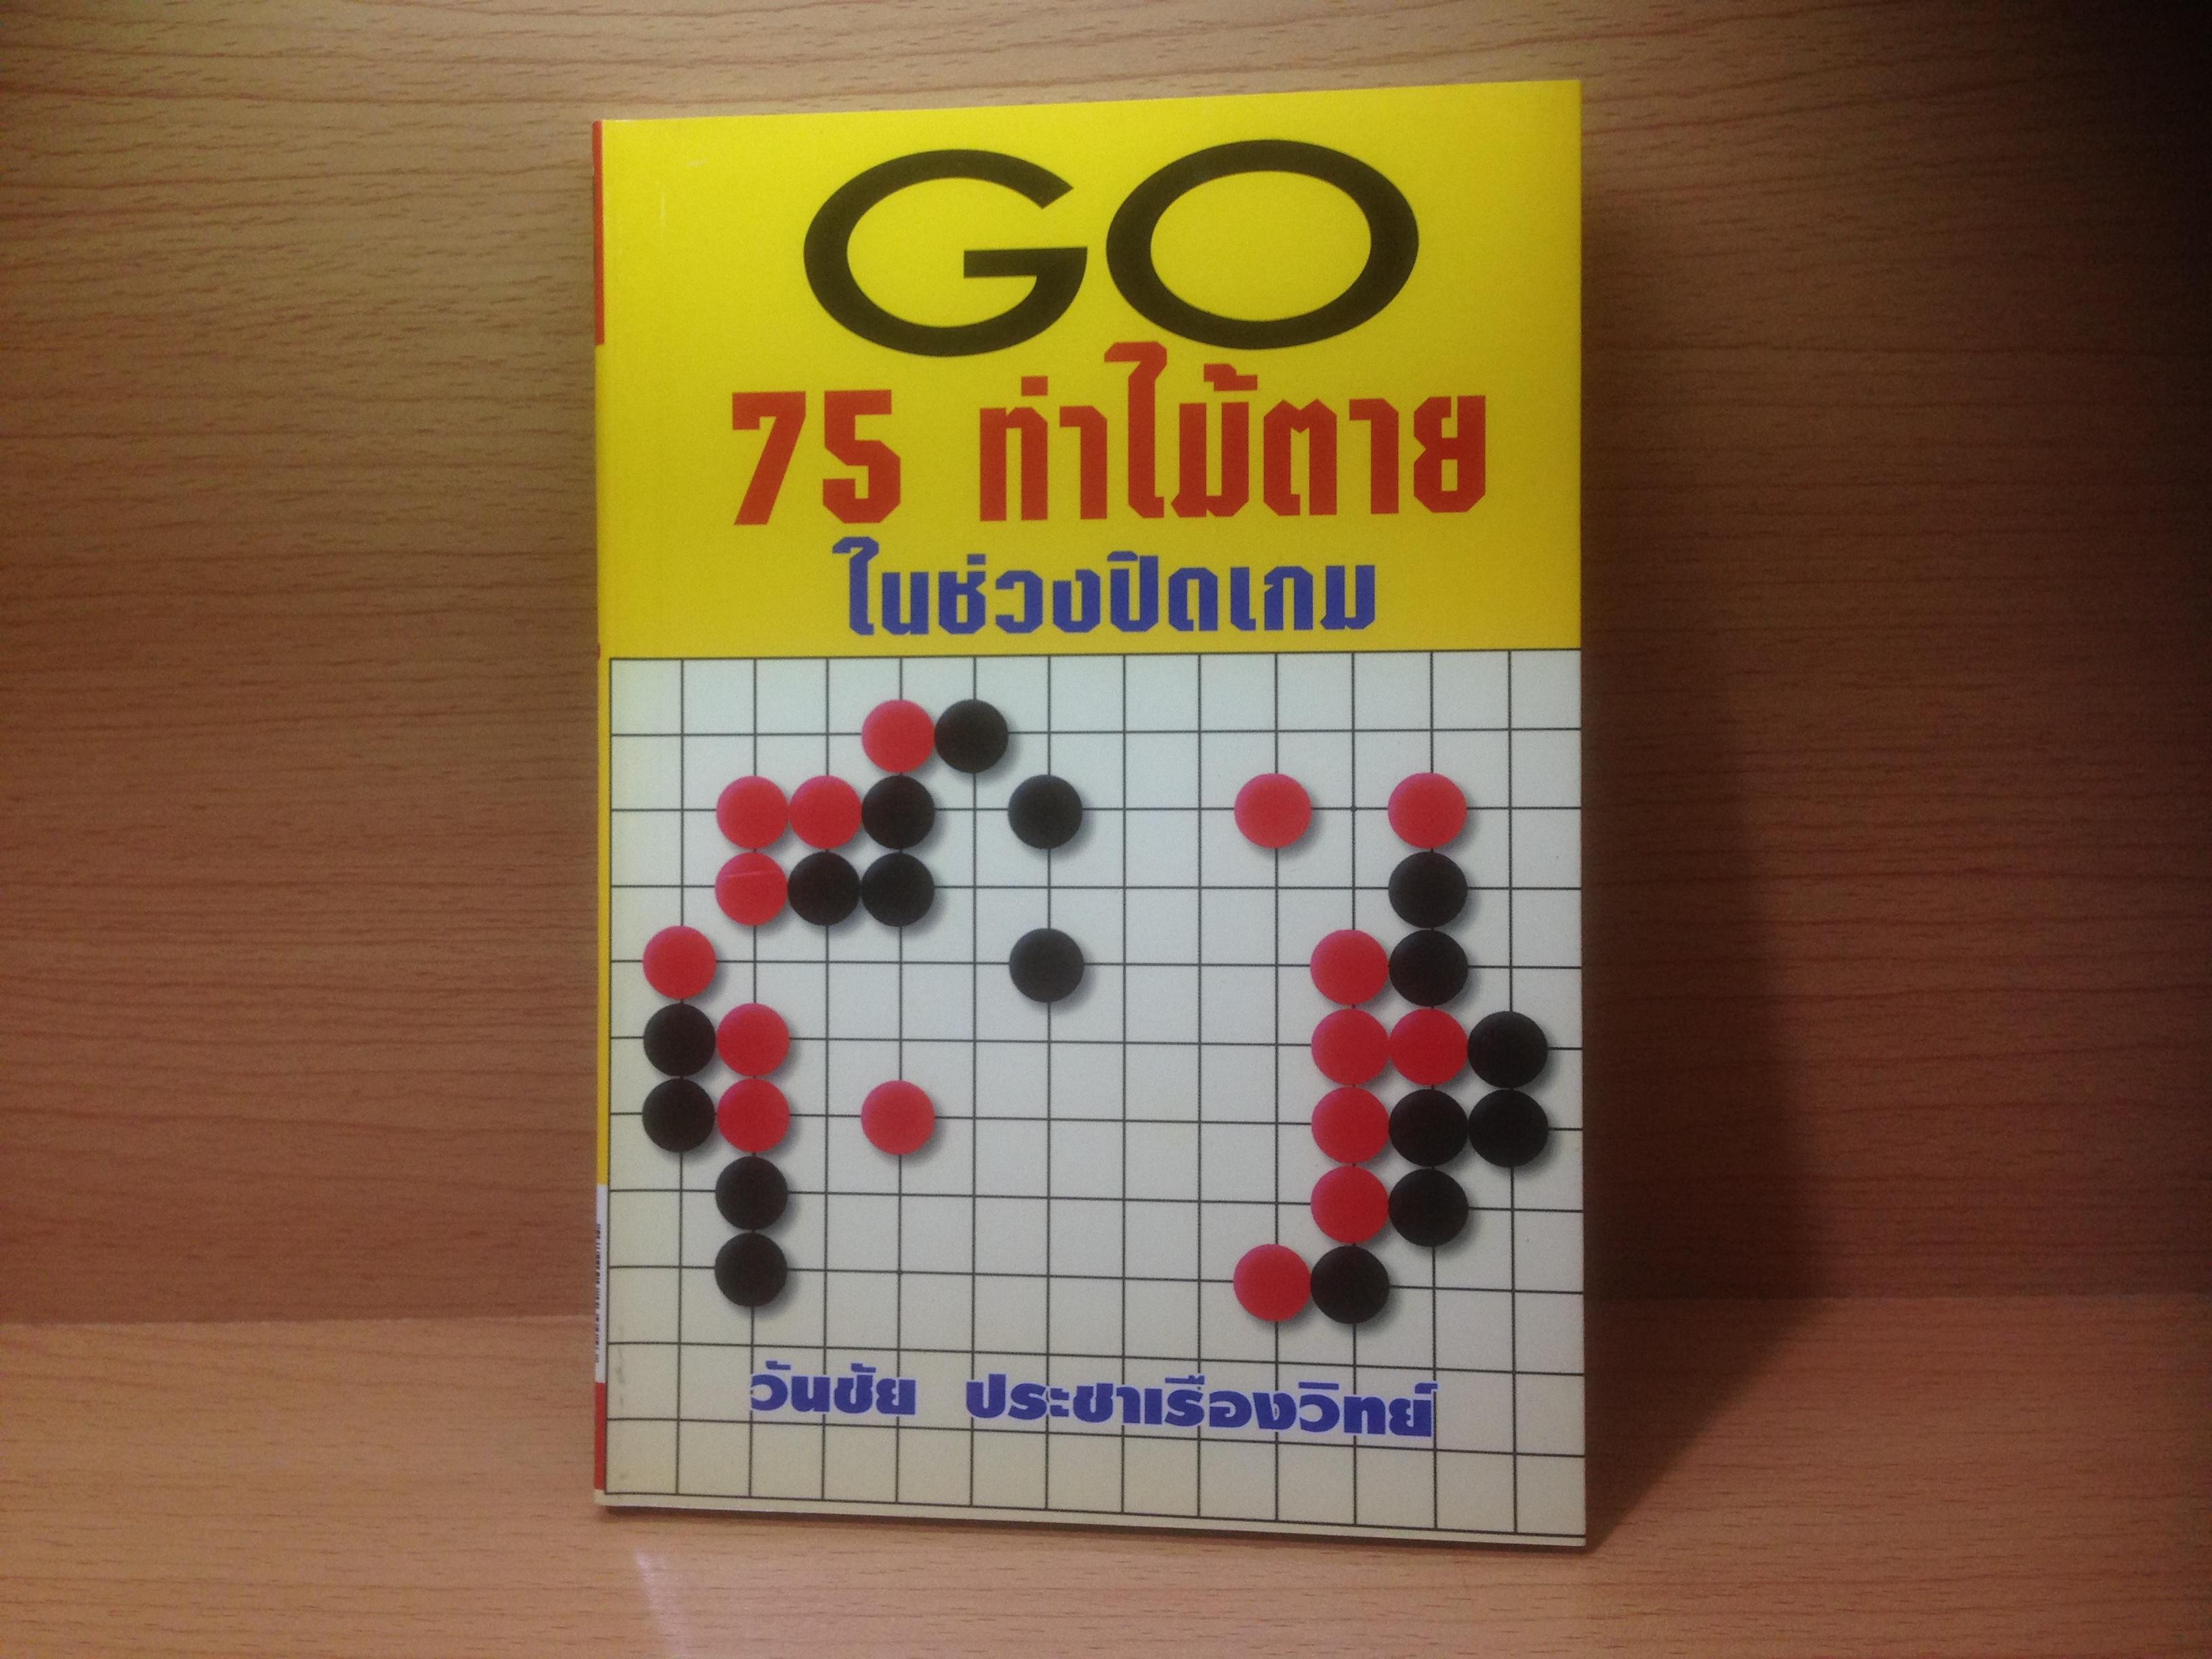 หนังสือหมากล้อม 75 ท่าไม้ตายในช่วงปิดเกม